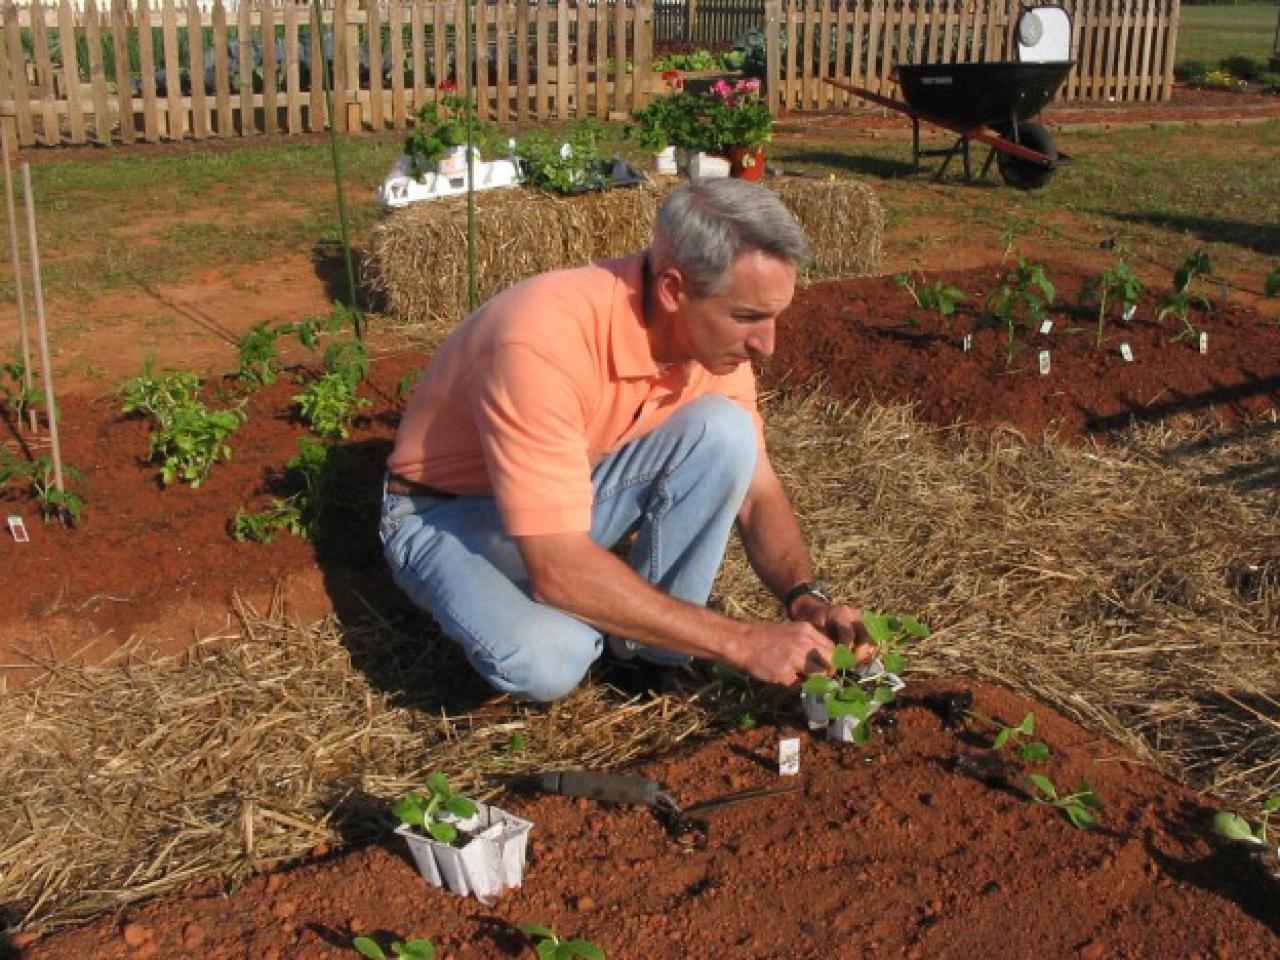 How to Start an Organic Garden | how-tos | DIY